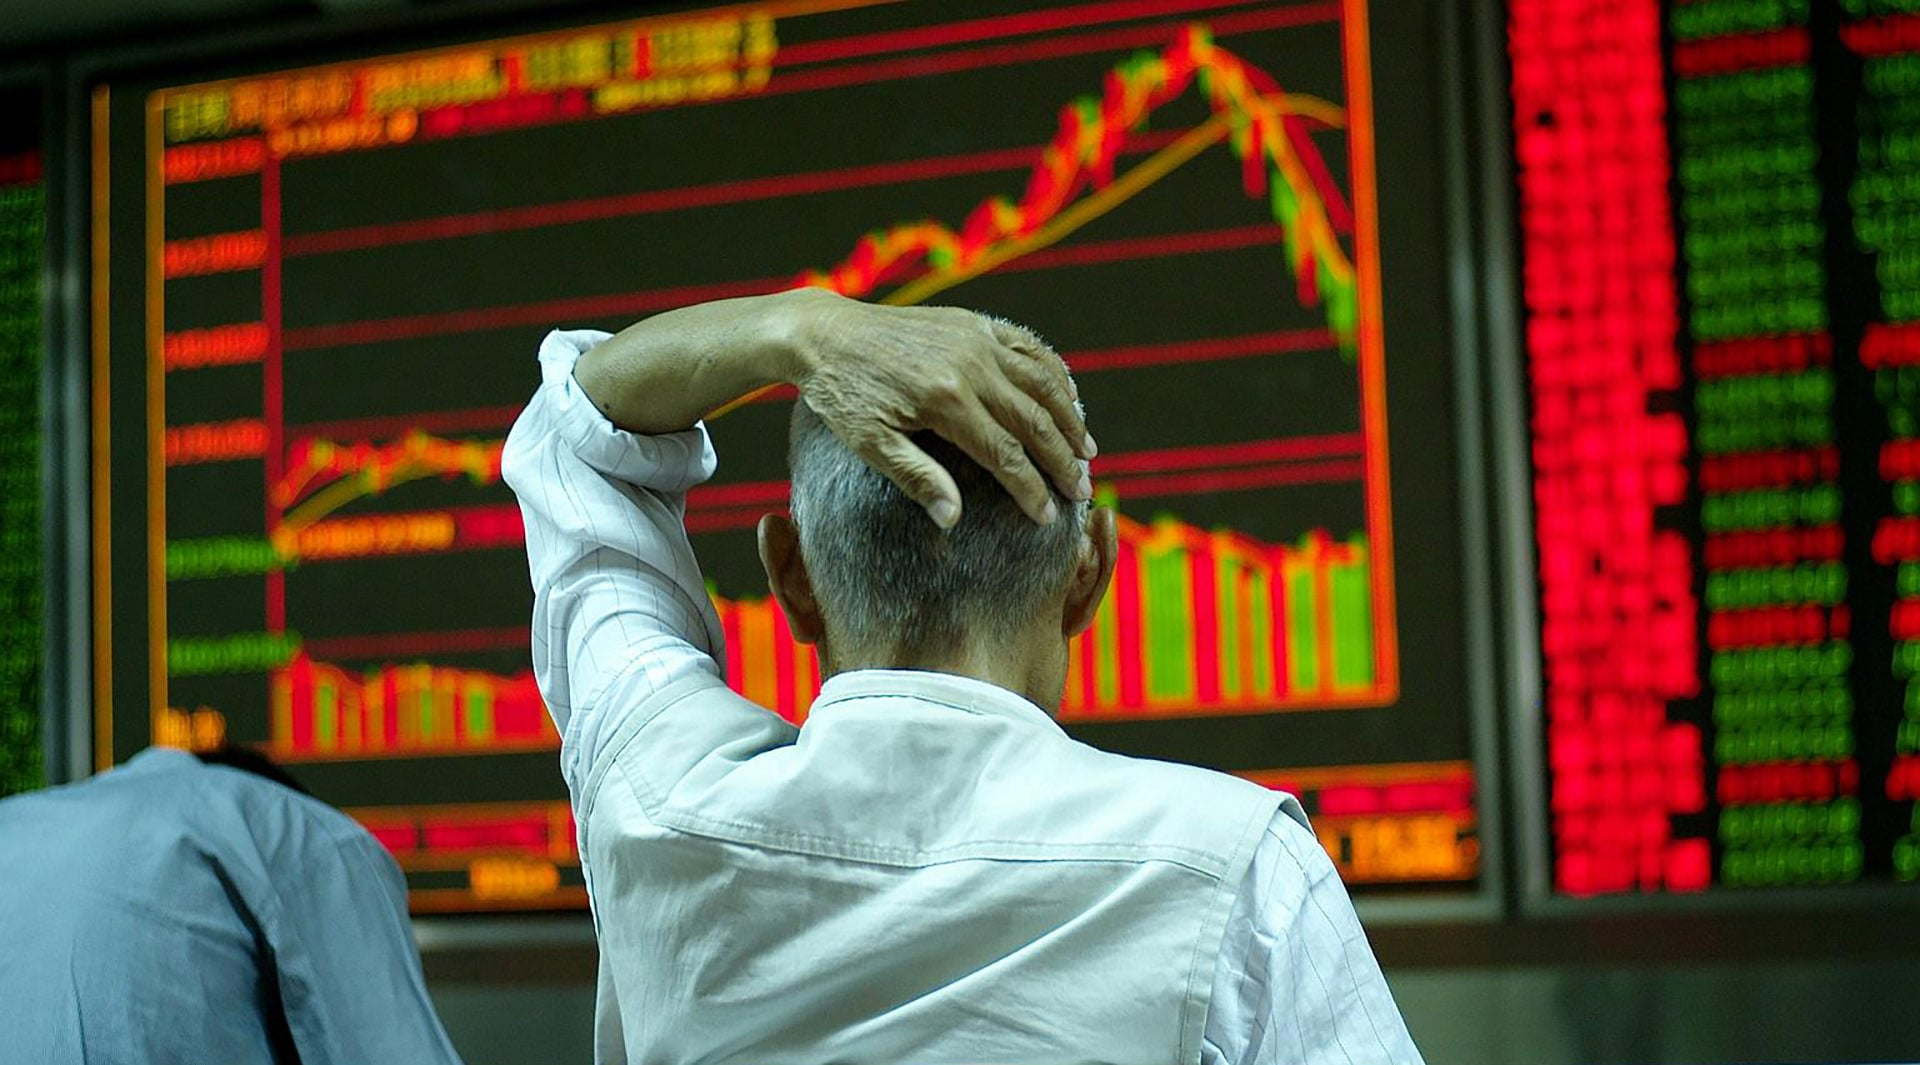 Стоит ли сейчас покупать акции?